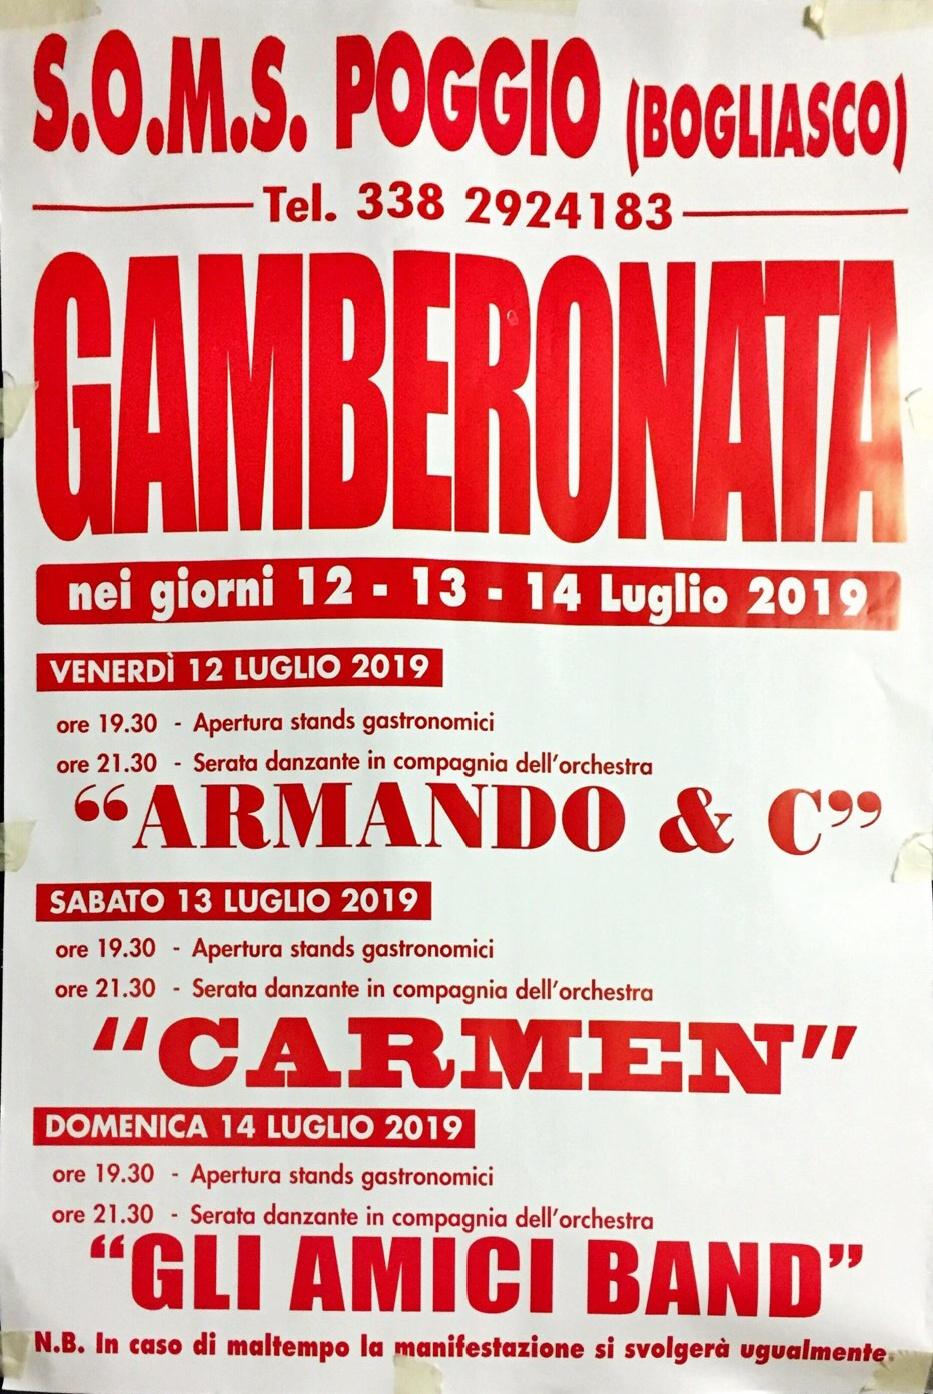 Gamberonata Bogliasco 2019 SOMS Poggio - Bogliasco Località Poggio Favaro 170, 16031 Bogliasco Dal 12/07/2019 Al 14/07/2019 19:30 - 00:00